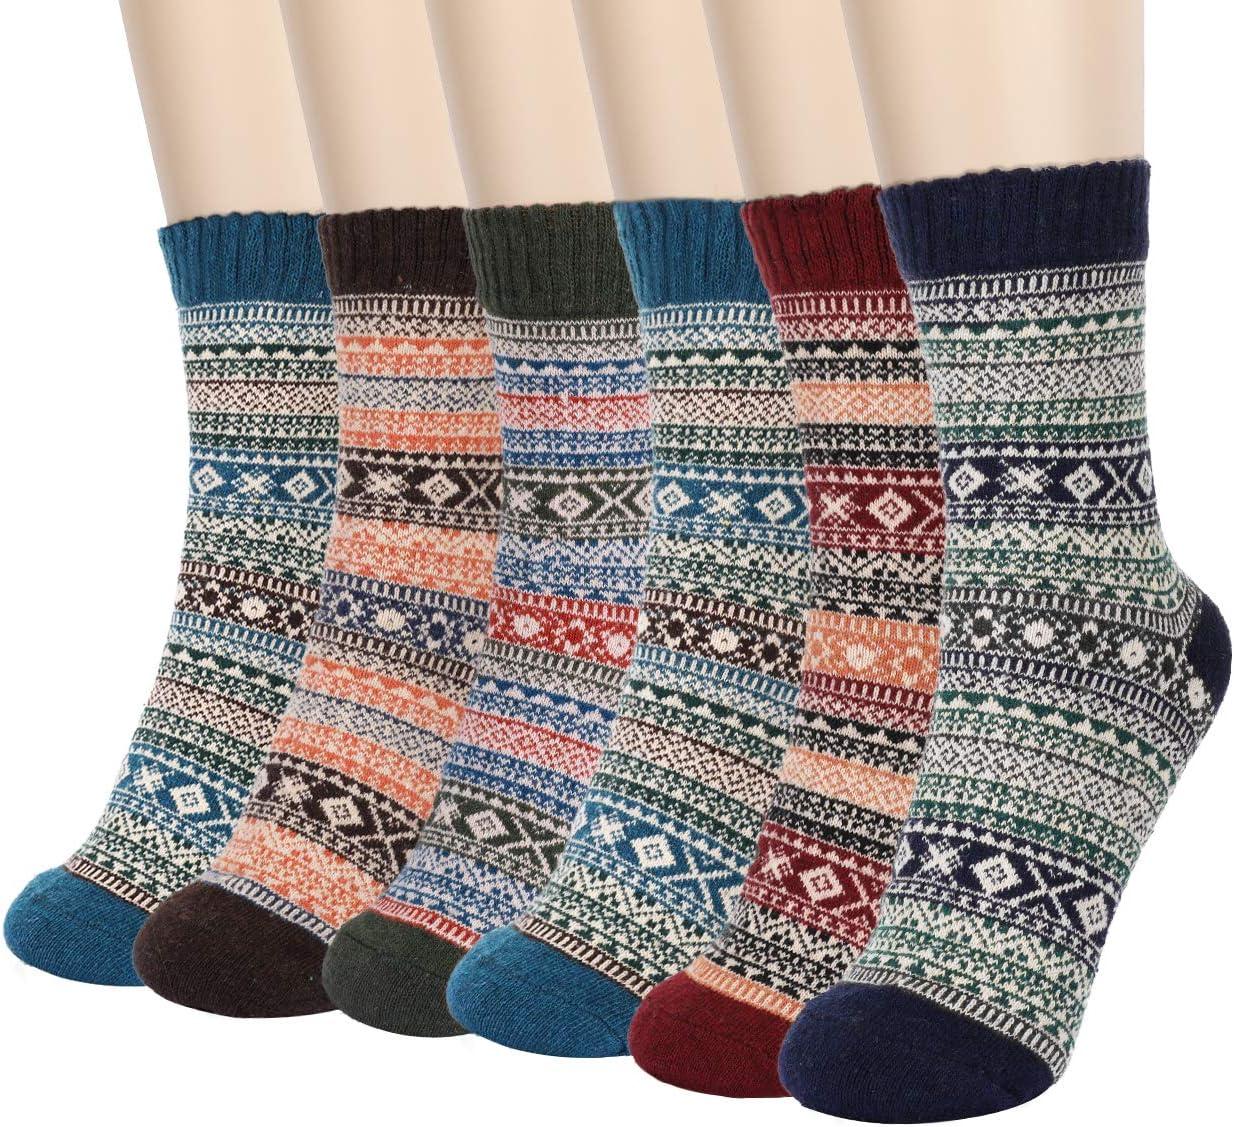 6 Pares de Calcetines Térmicos, Aiglam calcetines con dibujos, calcetines invierno gruesos suaves y transpirables para deportes de invierno al aire libre, regalo para hombres y mujeres